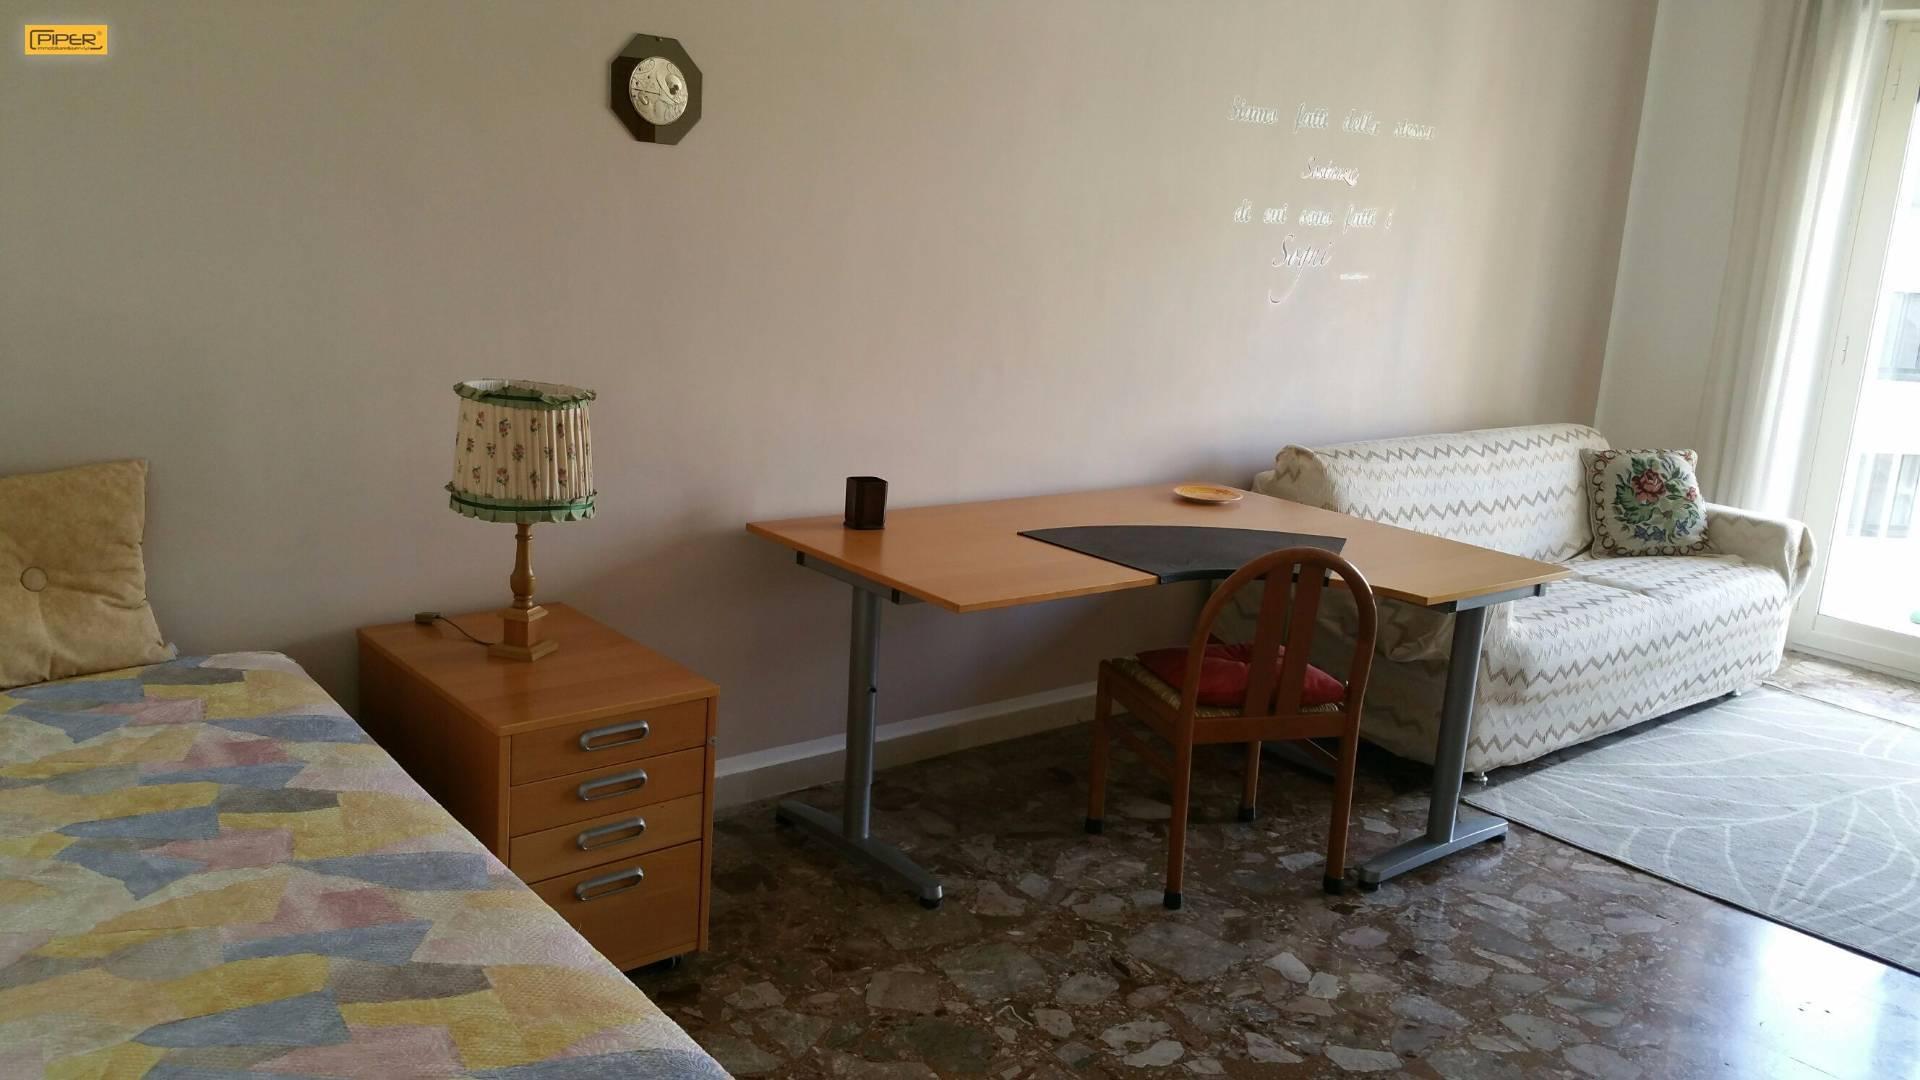 Affitto napoli appartamento arredato 18 mq via arenella for Appartamento arredato napoli